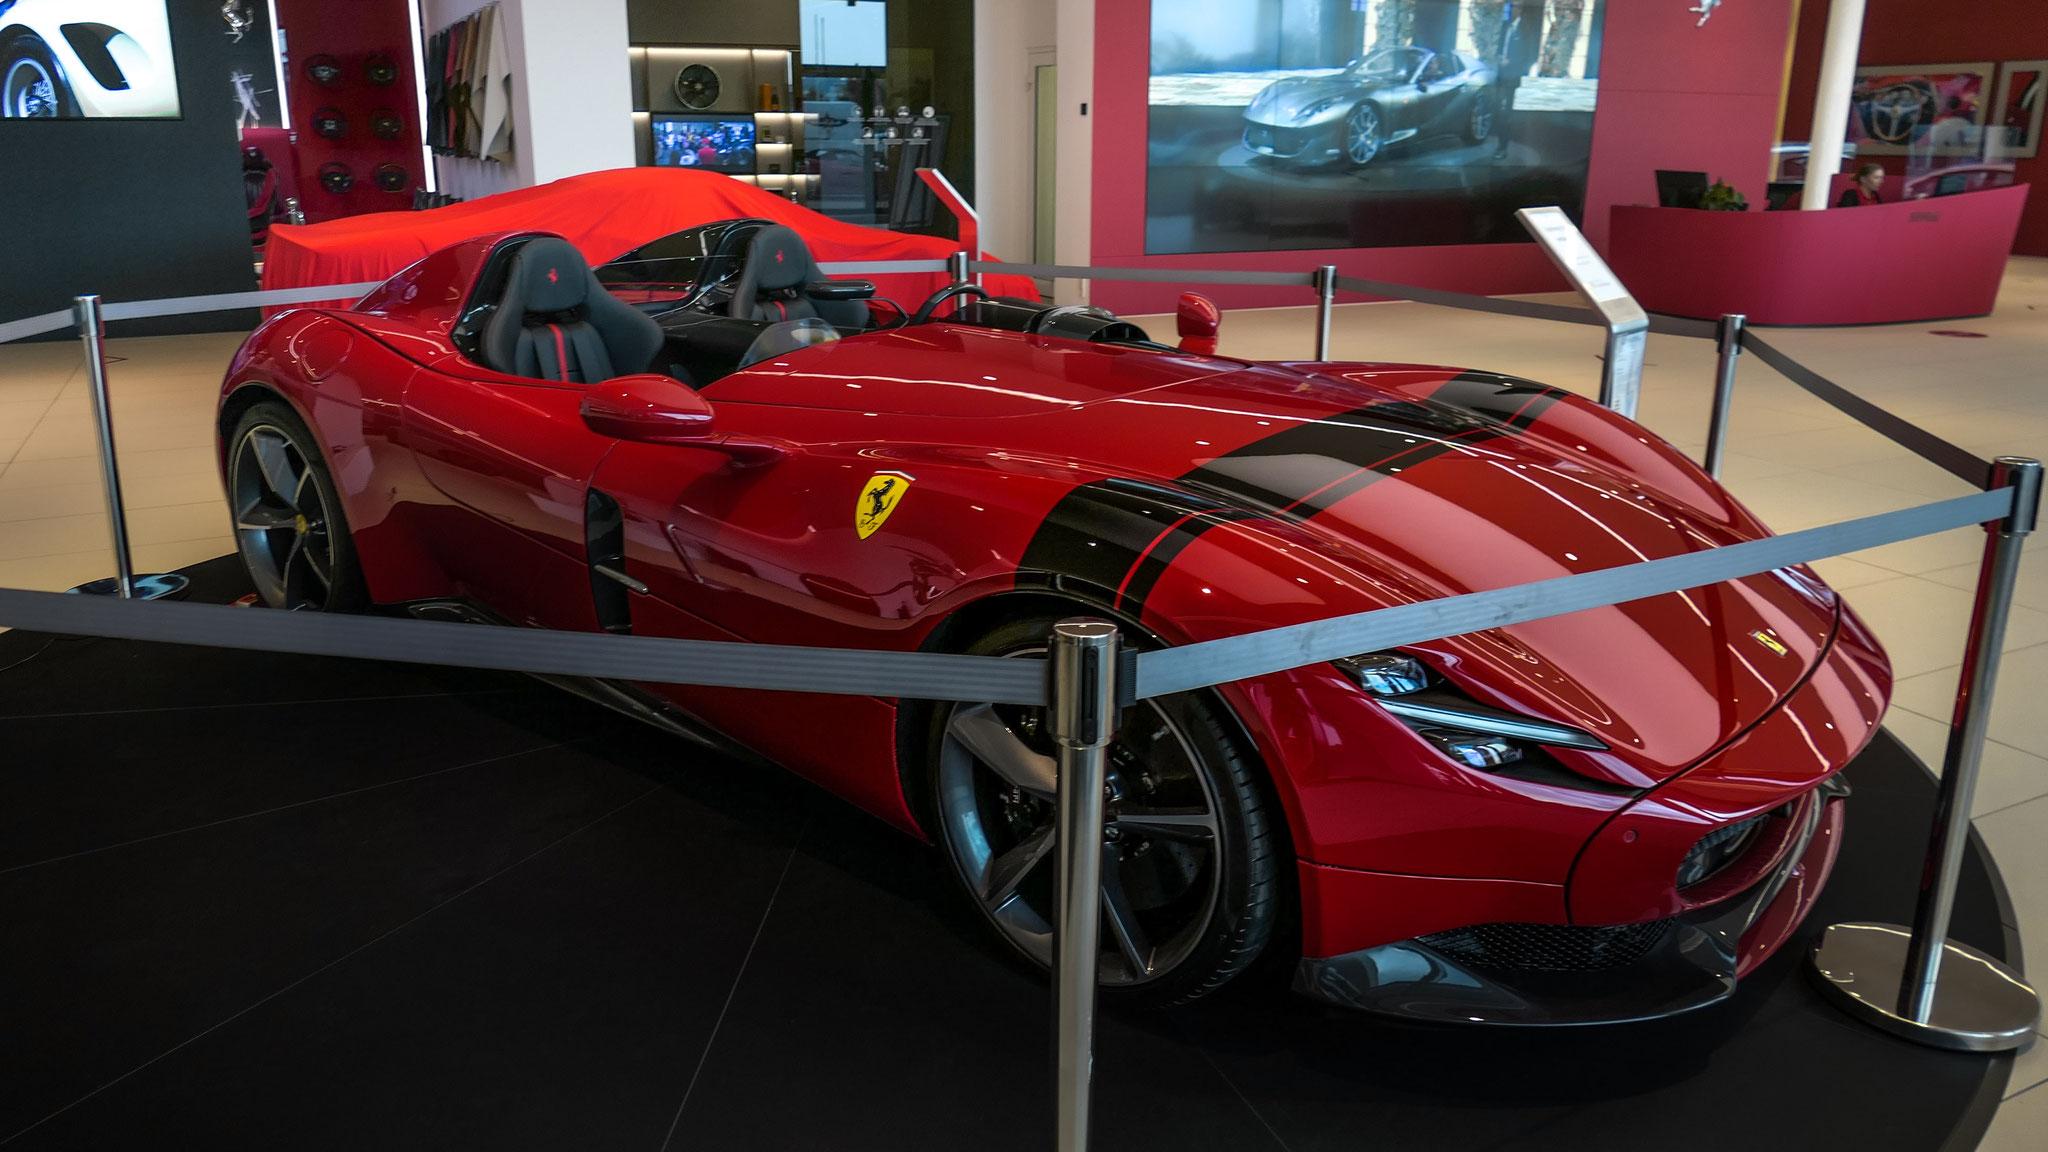 Ferrari Monza SP2 (Gohm)